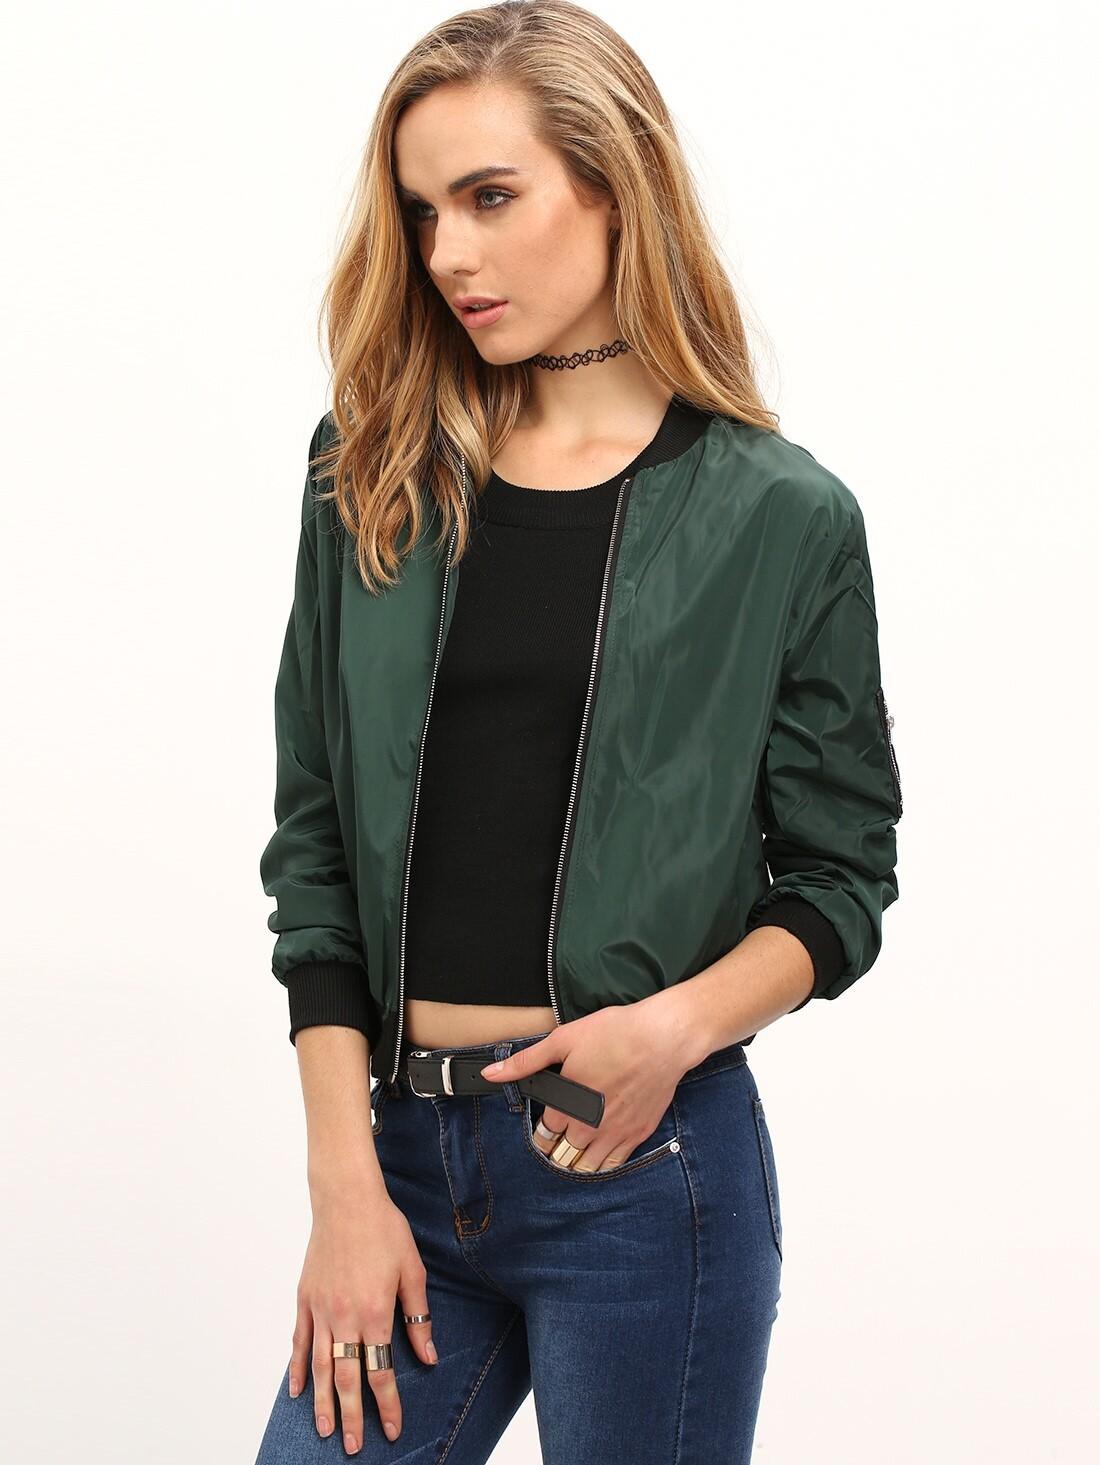 Зеленый Стенд Воротник Молния Короткая Куртка